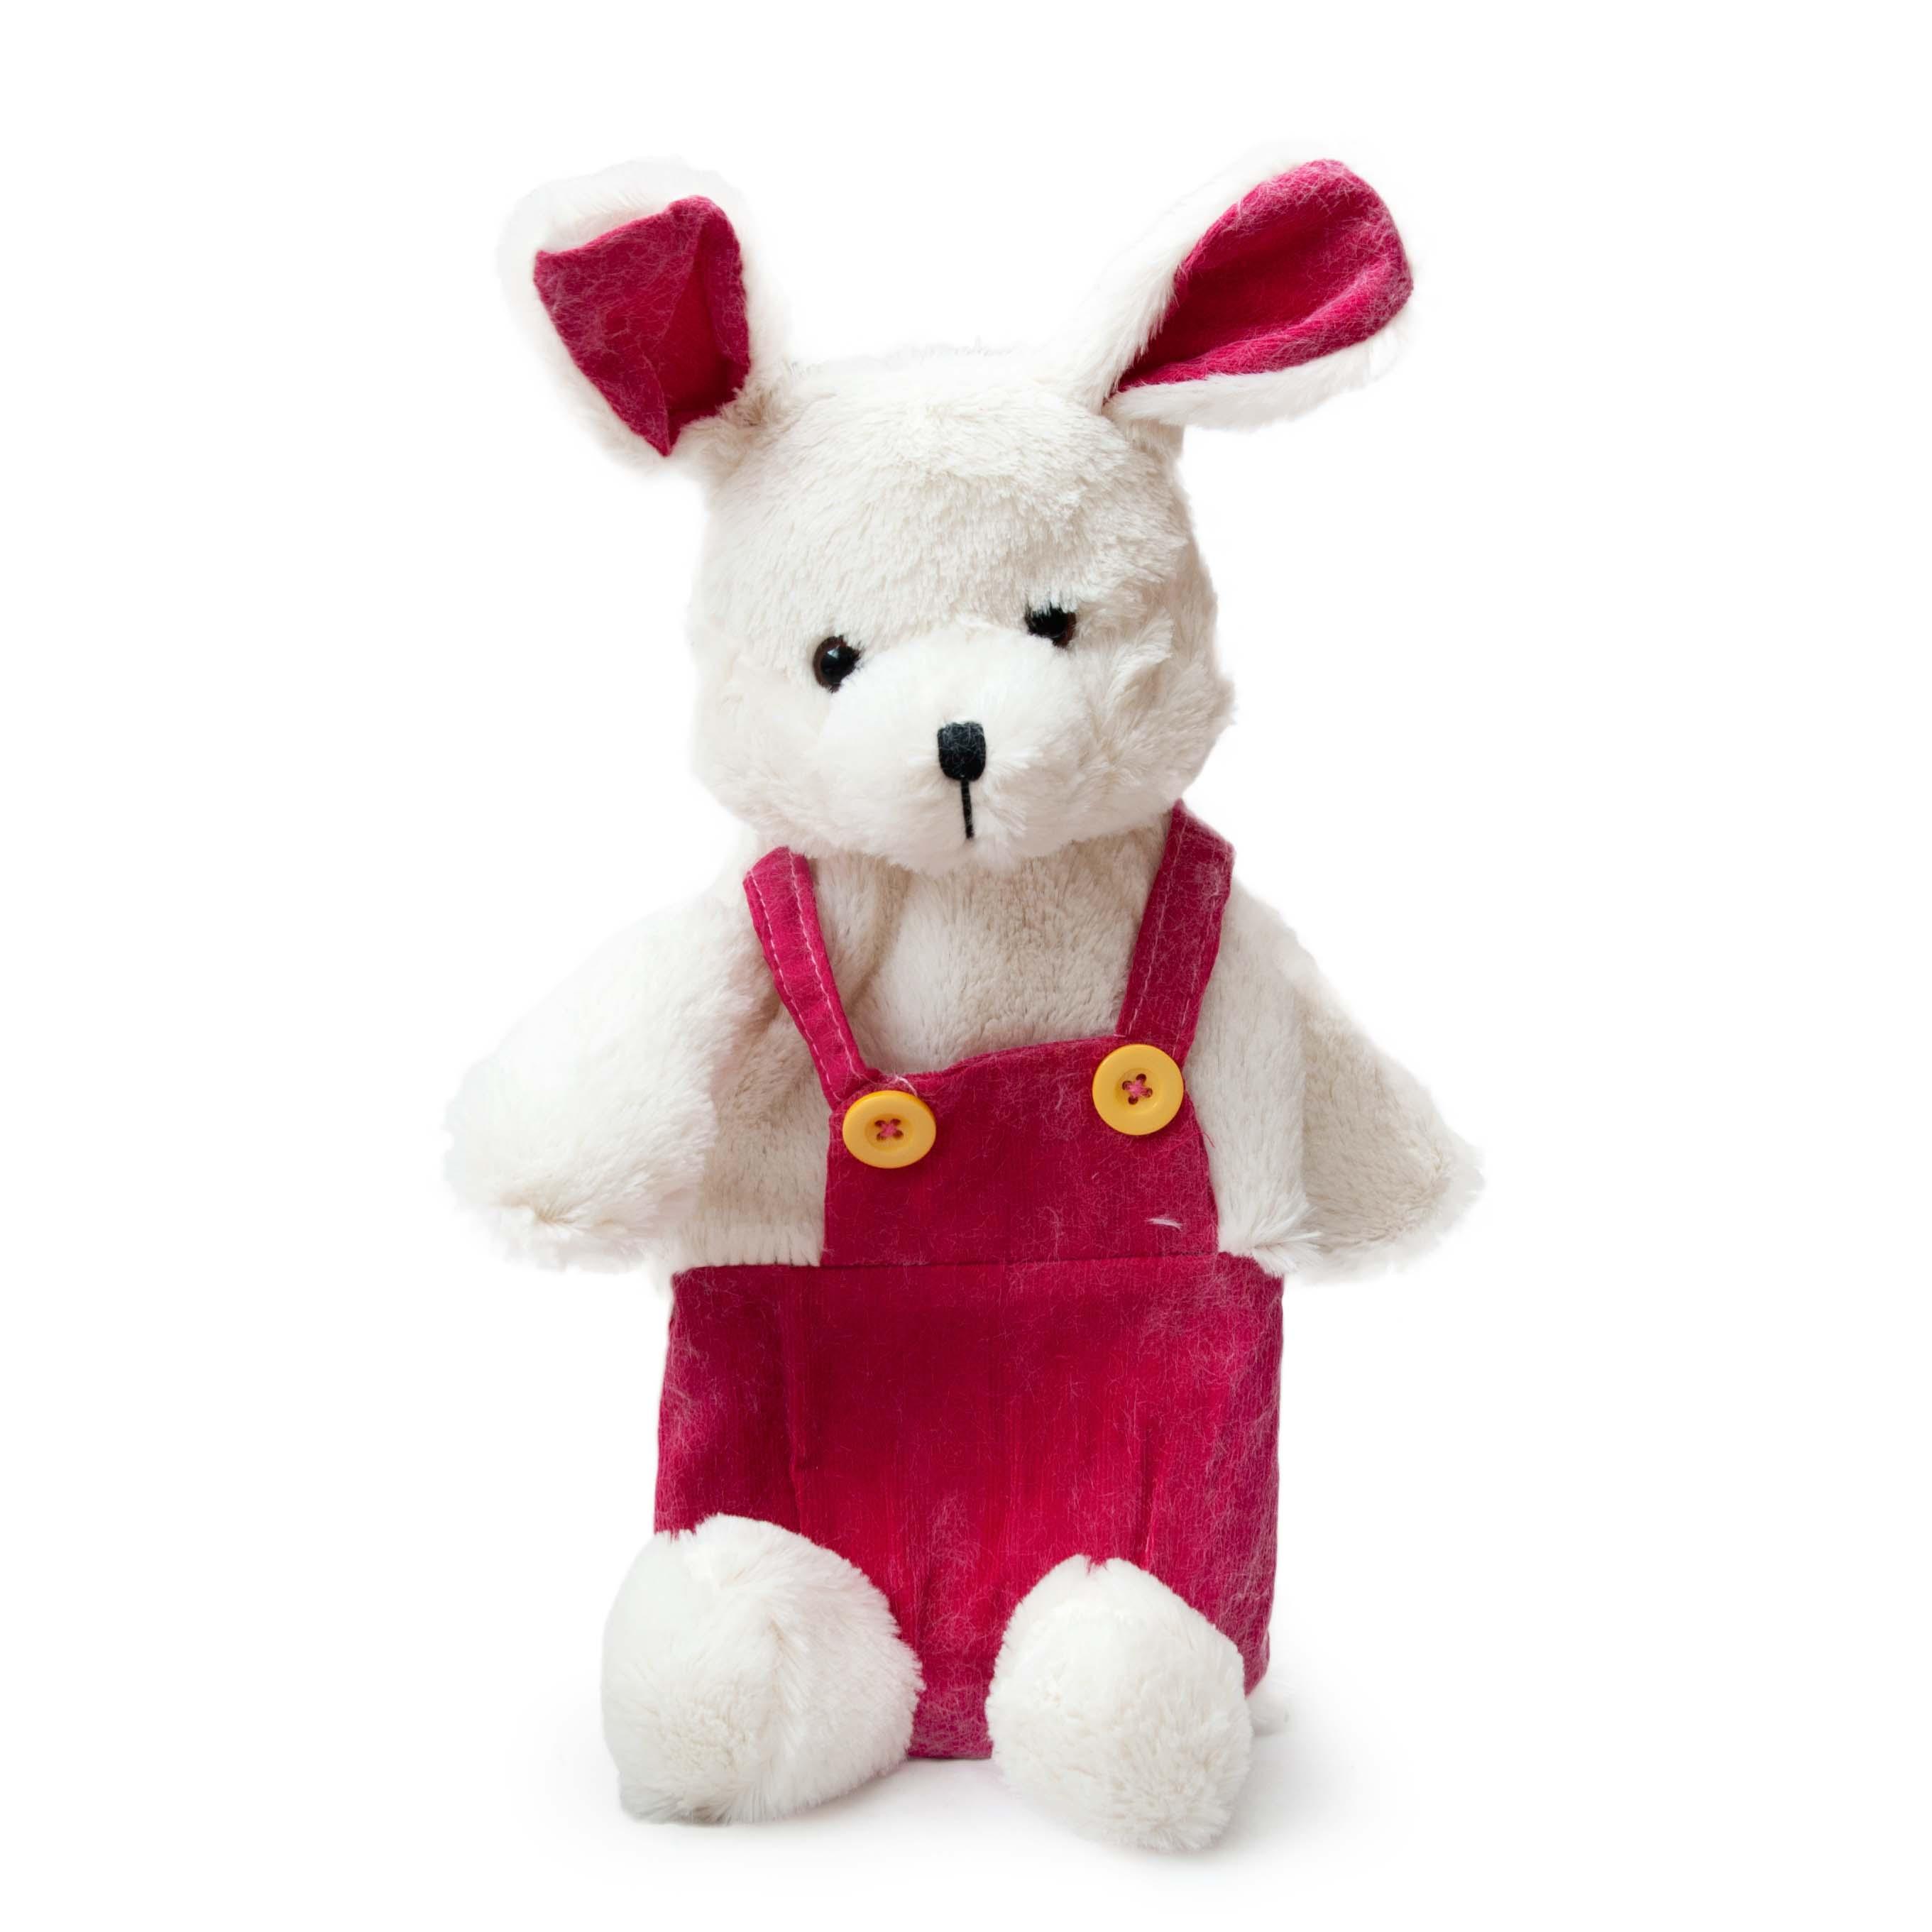 TERMOFOR S MOTIVEM - králíèek 750 ml - TERMOFORY - zvìtšit obrázek